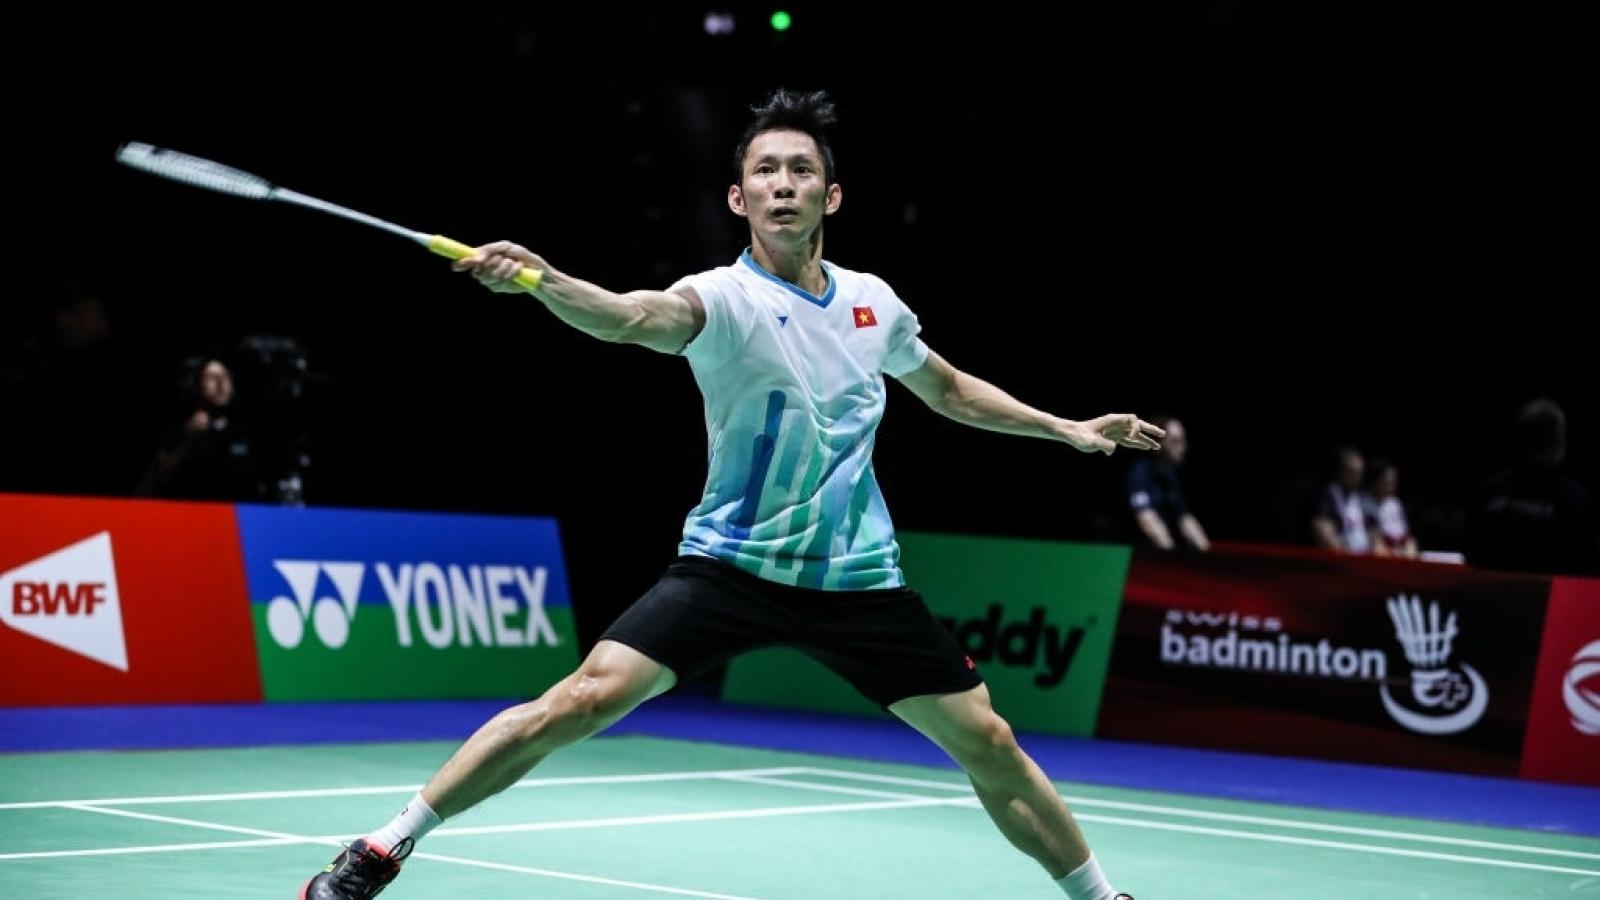 TRỰC TIẾP Olympic Tokyo ngày 25/7: Nguyễn Tiến Minh ra trận, Pháp thắng kịch tính